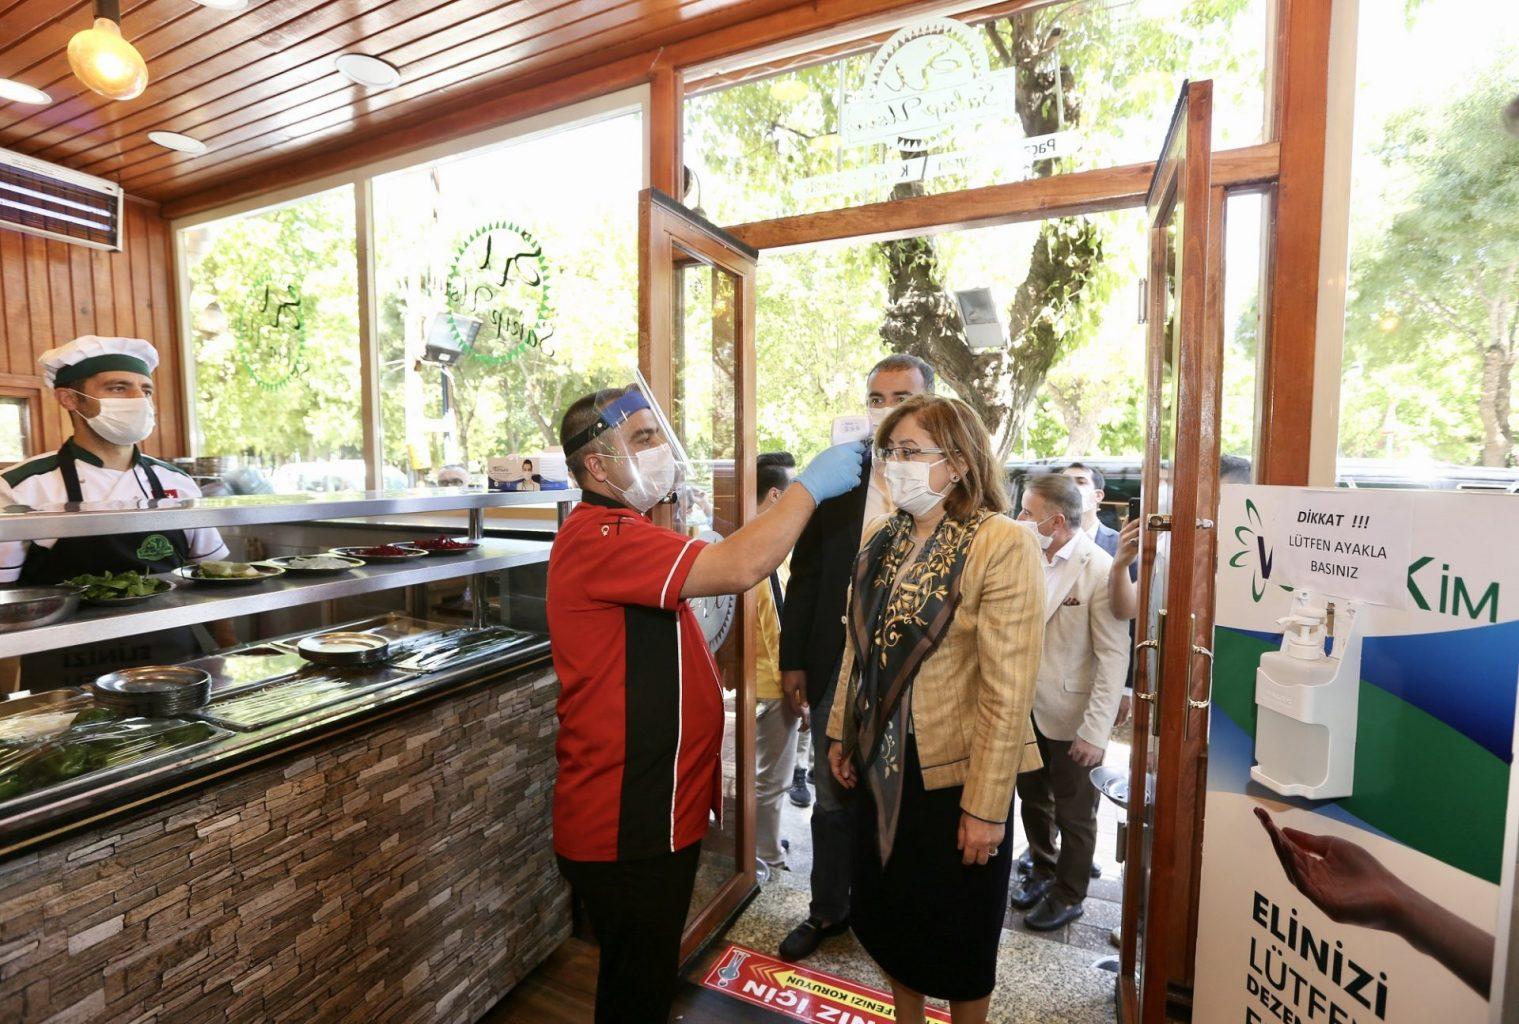 Gazi şehrin restoranları pandemiye karşı 'fıstık gibi' hazırlanıyor 5